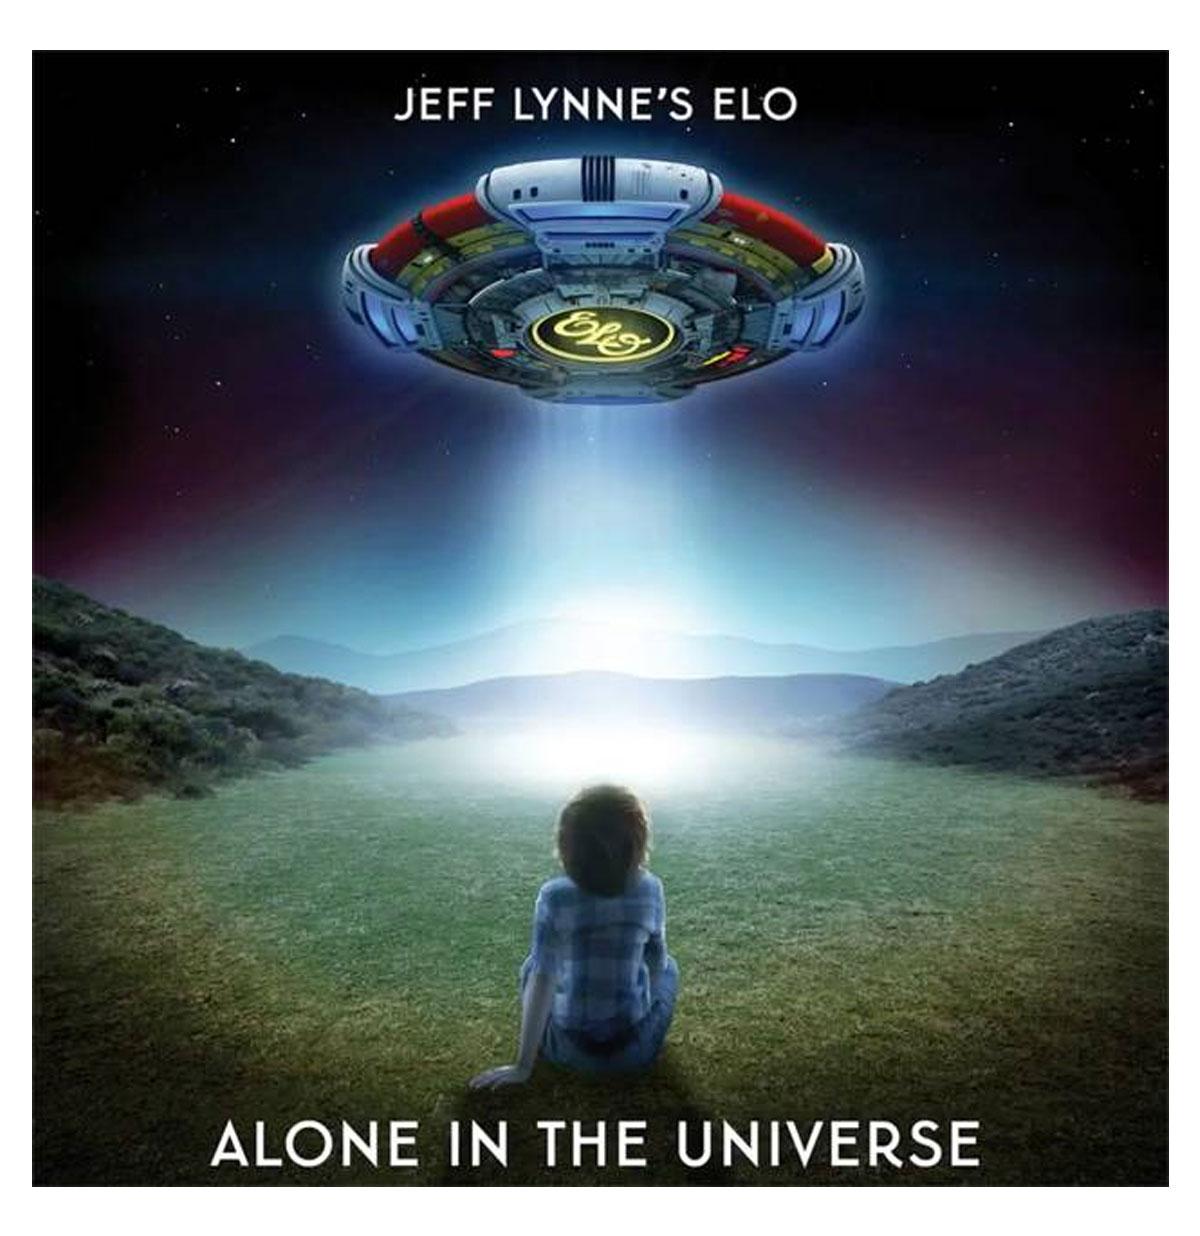 Jeff Lynne's ELO - Alone in the Universe LP